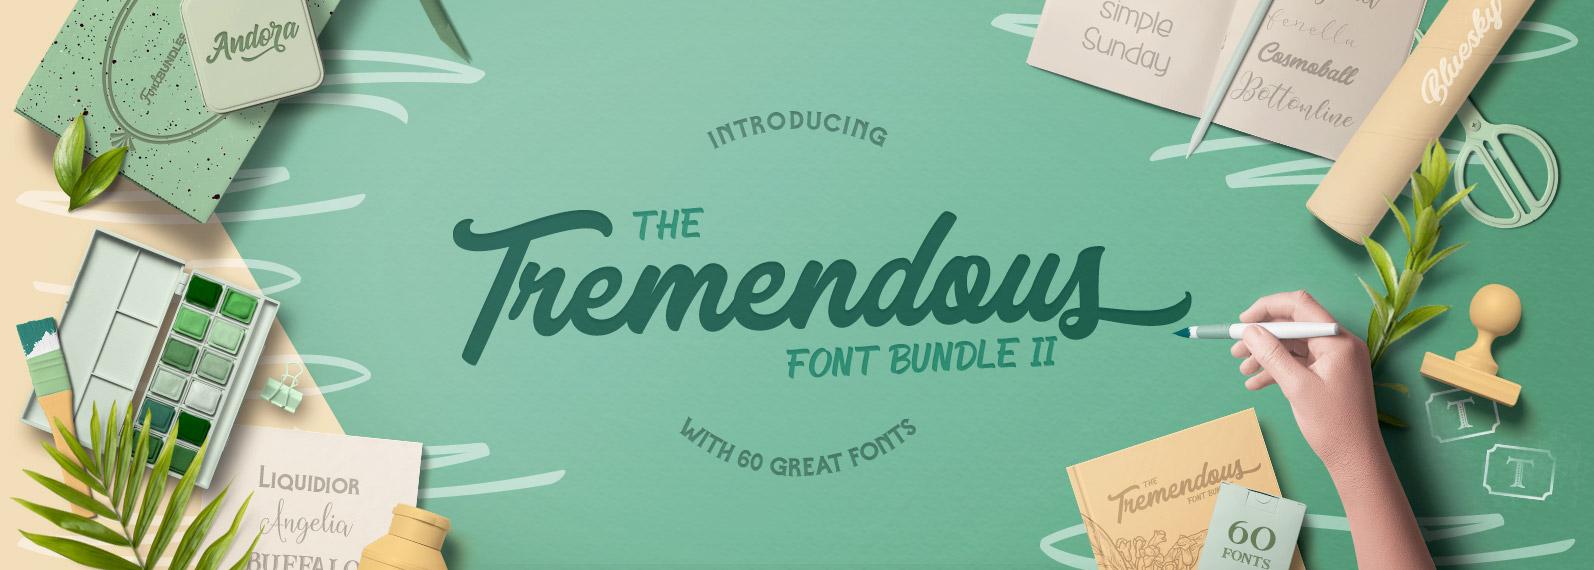 The Tremendous Font Bundle Volume II Cover